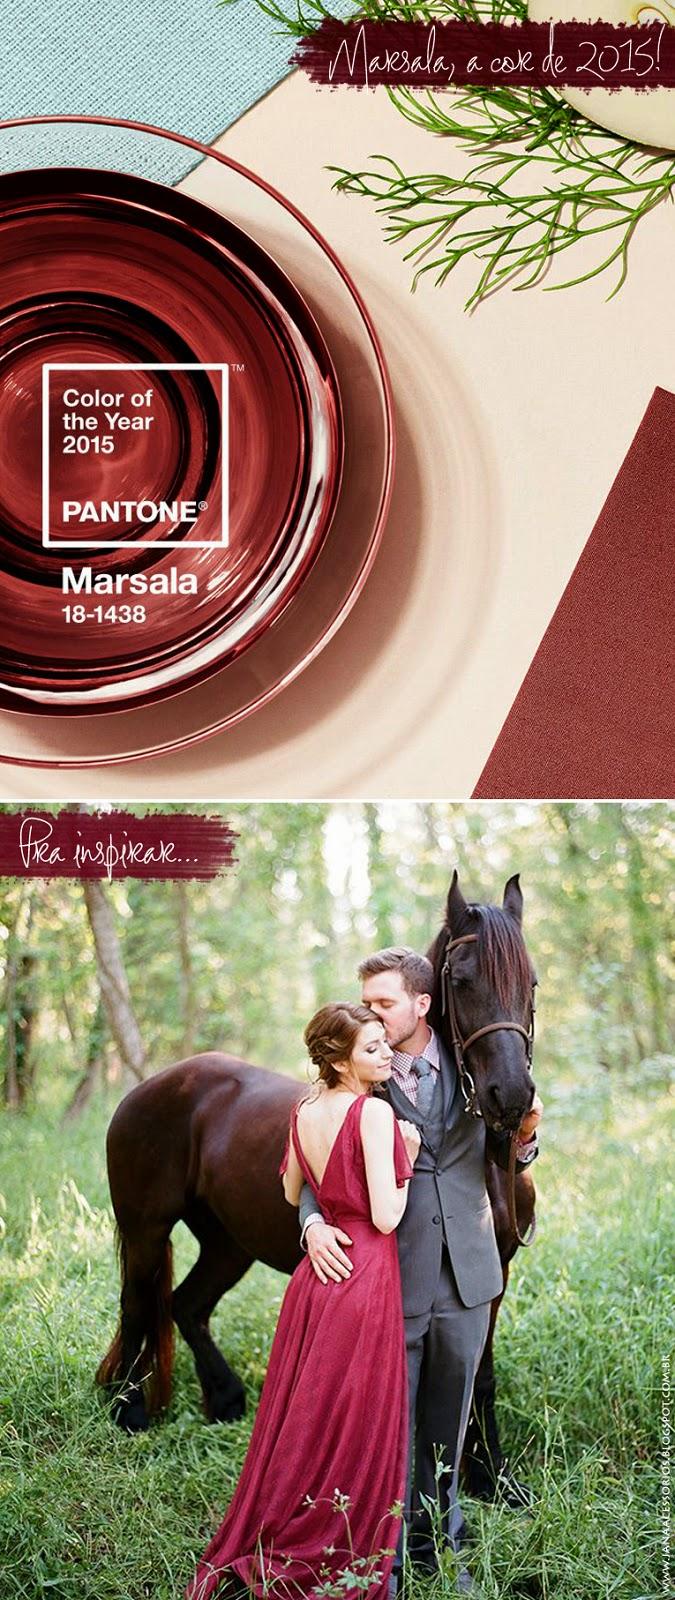 Marsala 18-1438, Pantone, 2015, blog da Jana, joinville,